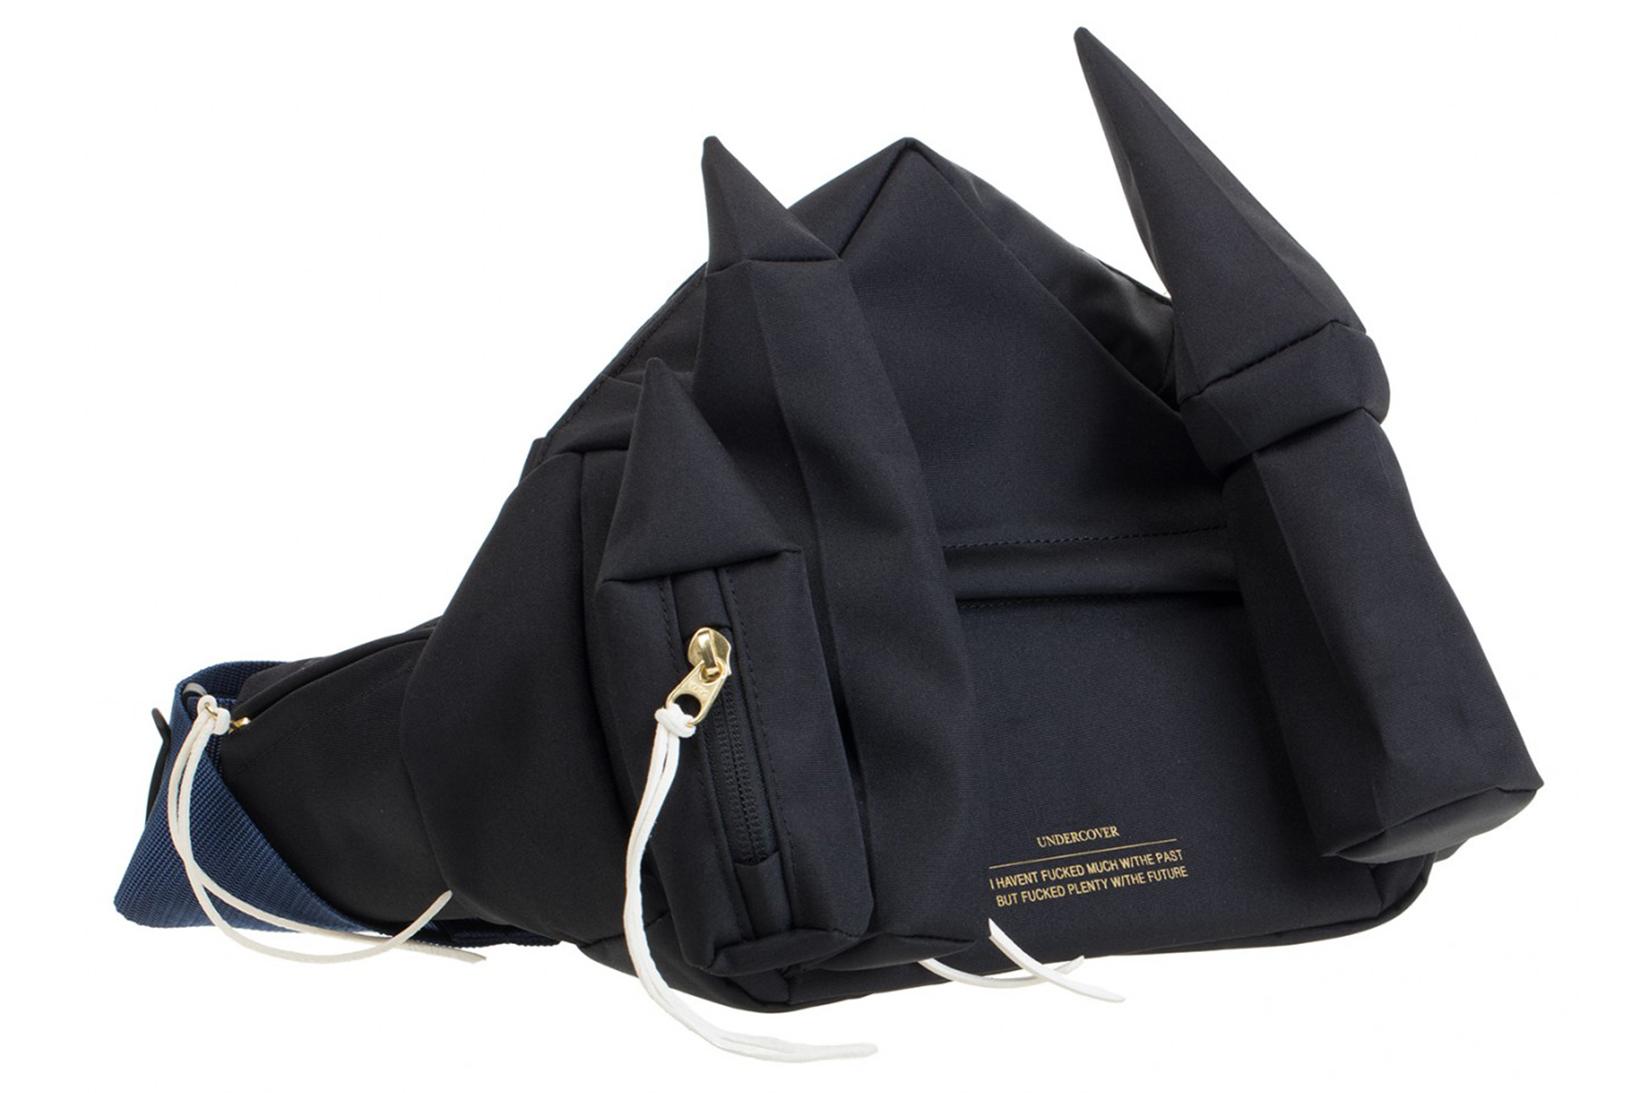 Undercover waist pack bum bag waist bag